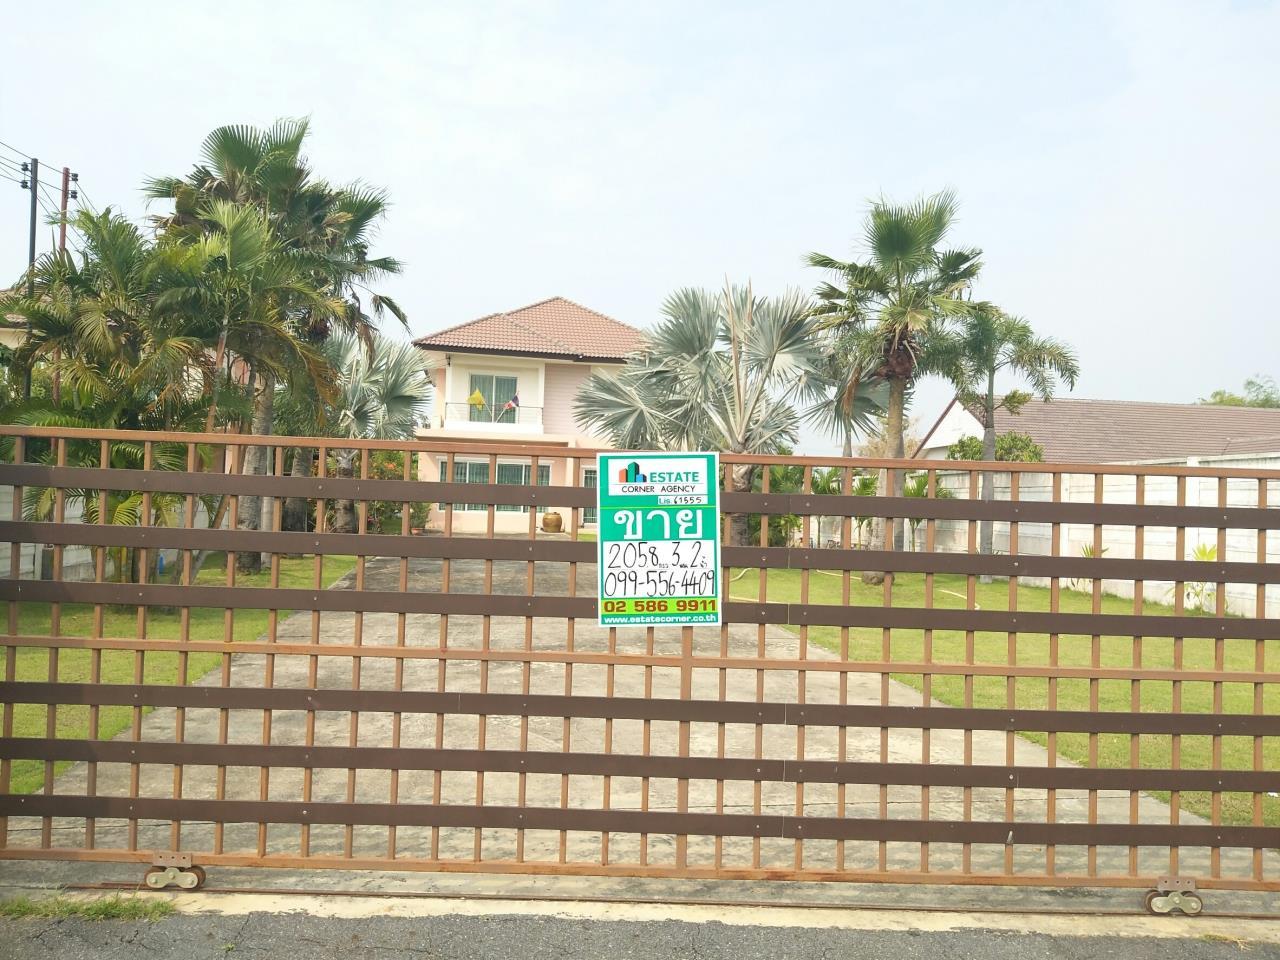 ขาย บ้าน แขวงกระทุ่มราย เขตหนองจอก กรุงเทพมหานคร, ภาพที่ 2